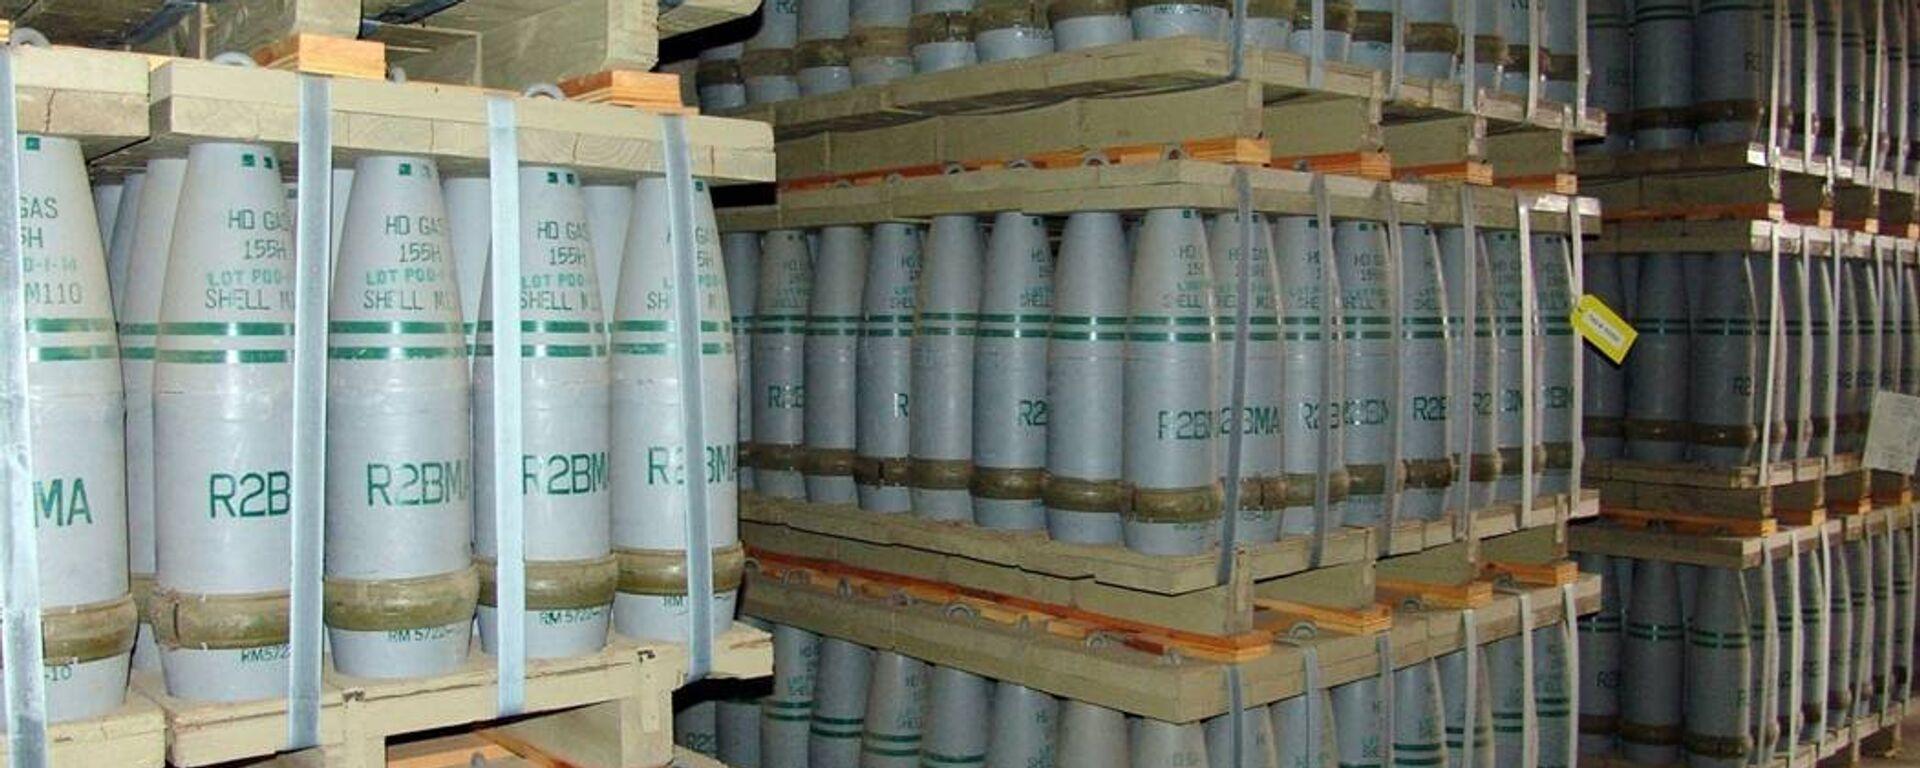 Municiones de gas mostaza, también conocidos como iperita, en el almacén de armas químicas de Pueblo, EEUU (archivo) - Sputnik Mundo, 1920, 06.10.2021